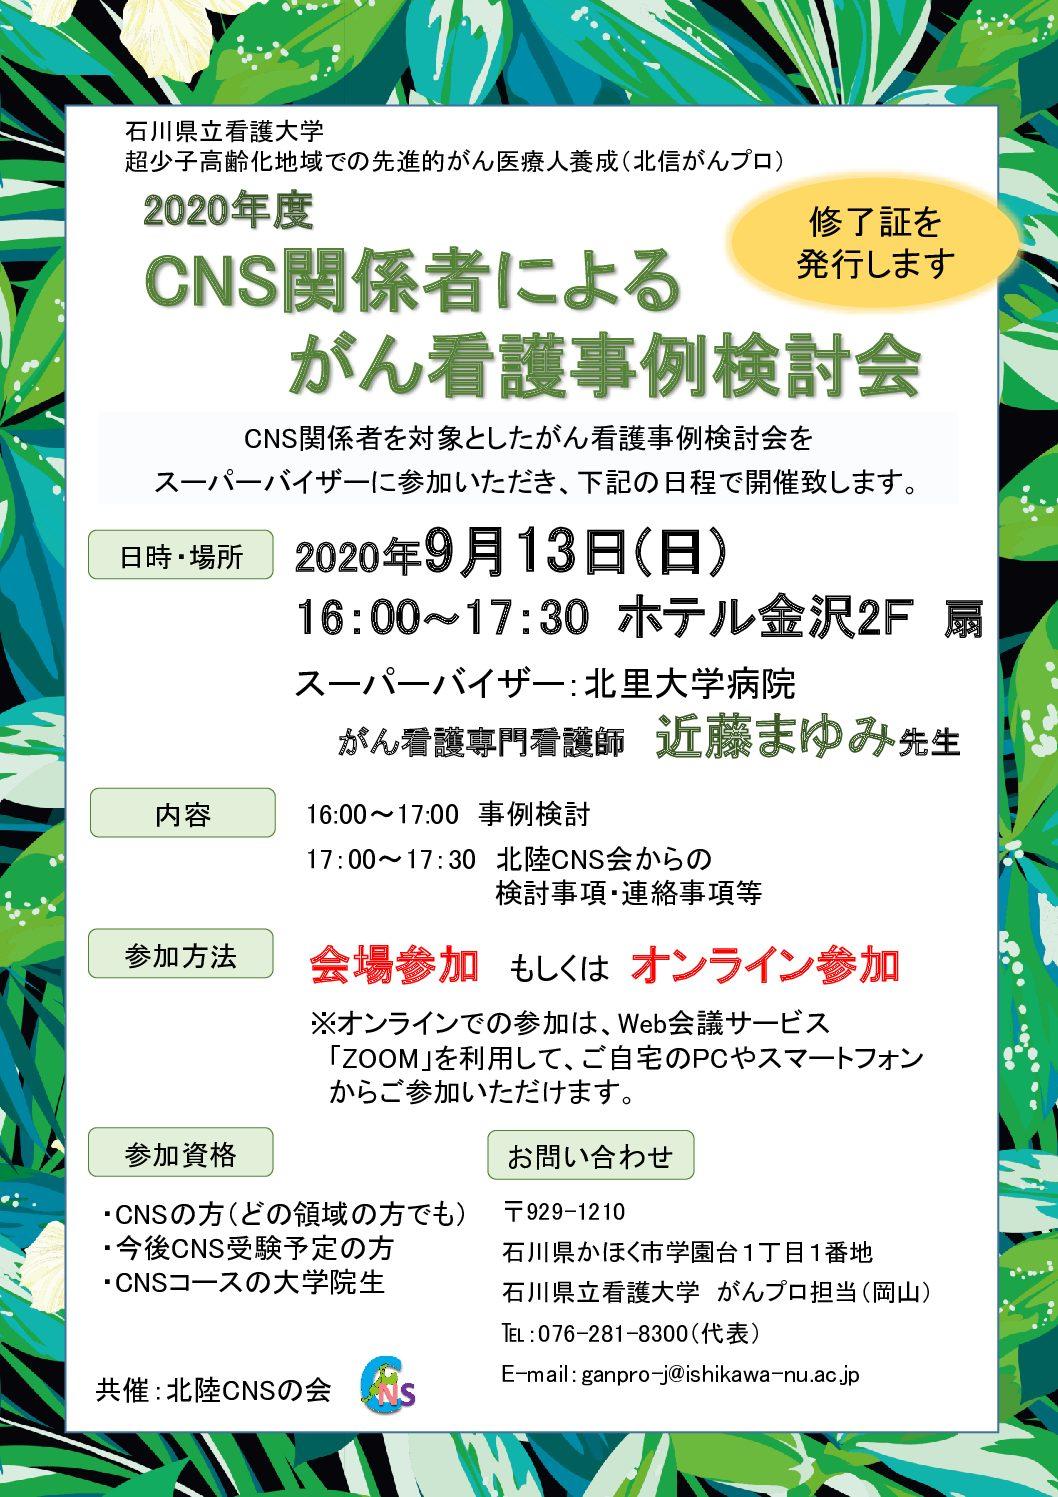 2020年度「CNS関係者によるがん看護事例検討会」